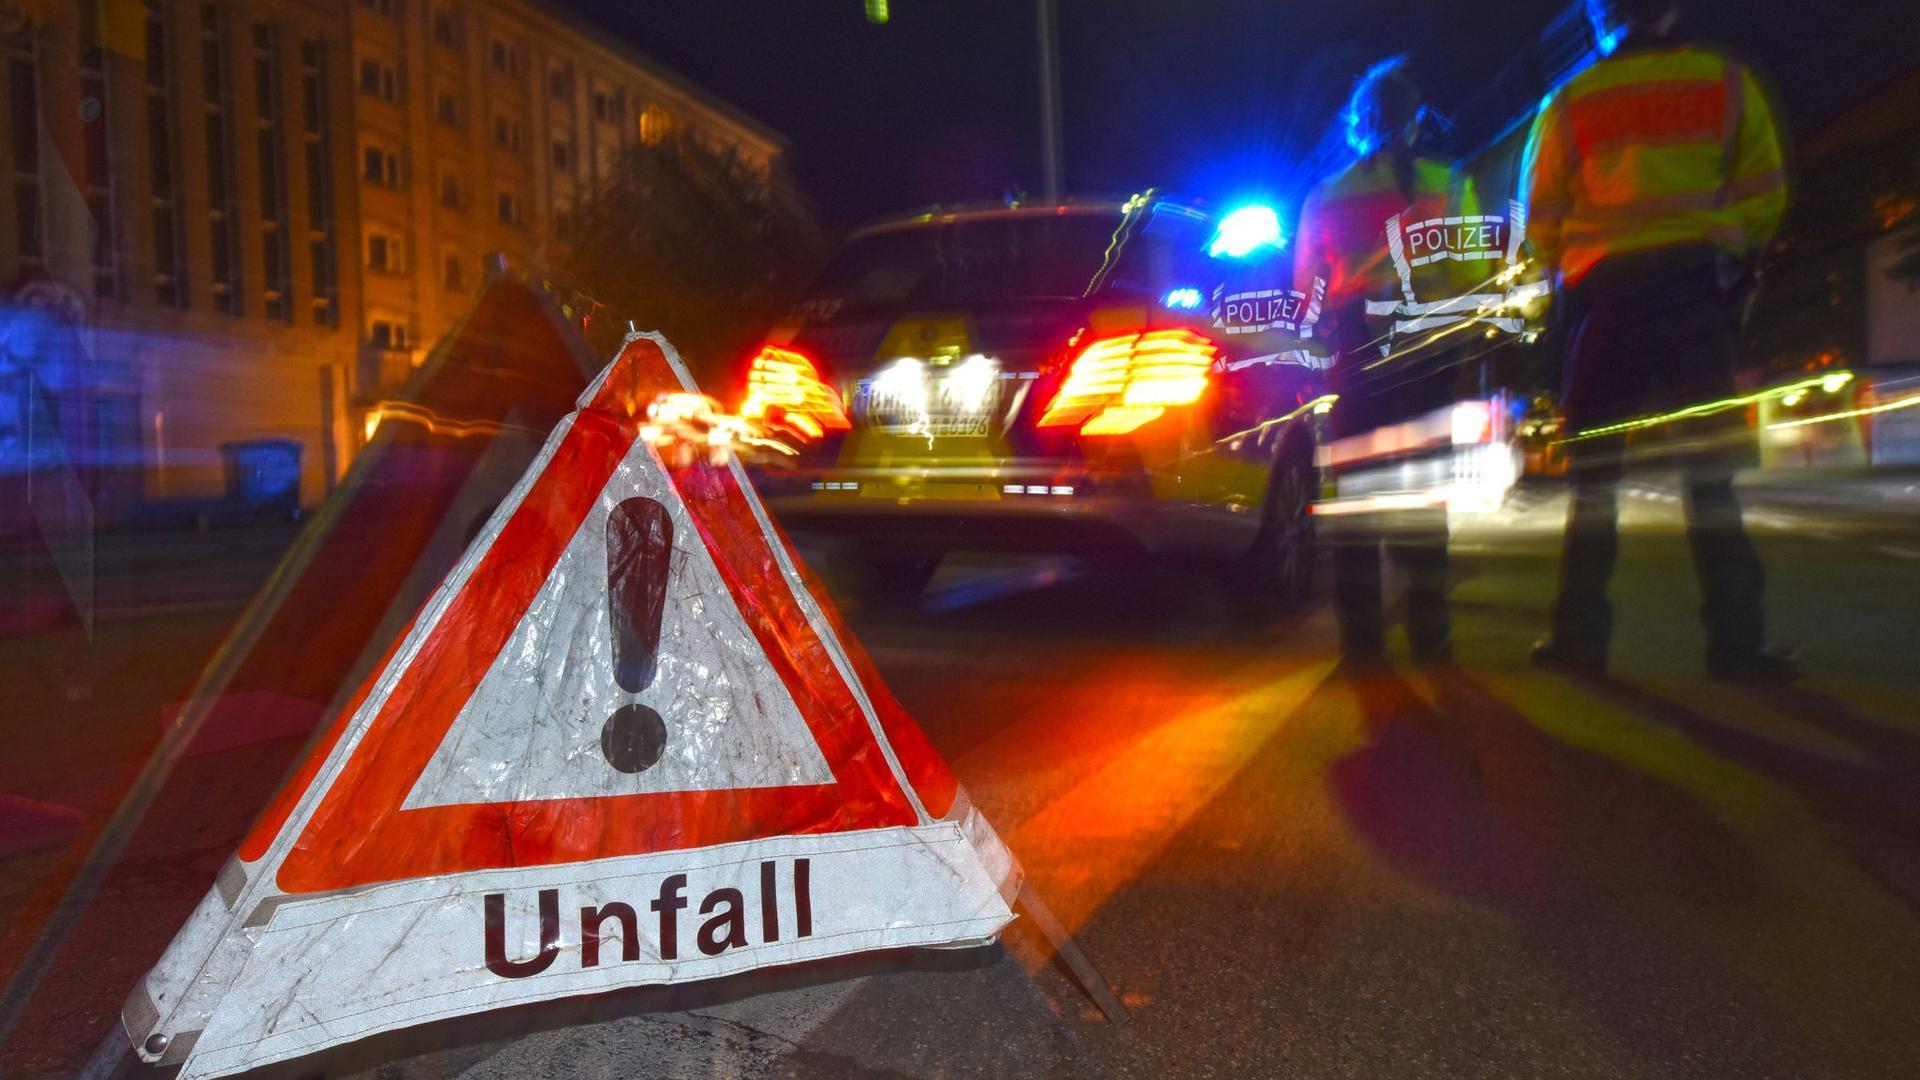 Ein Polizeifahrzeug steht mit Blaulicht auf einer Straße in Freiburg.